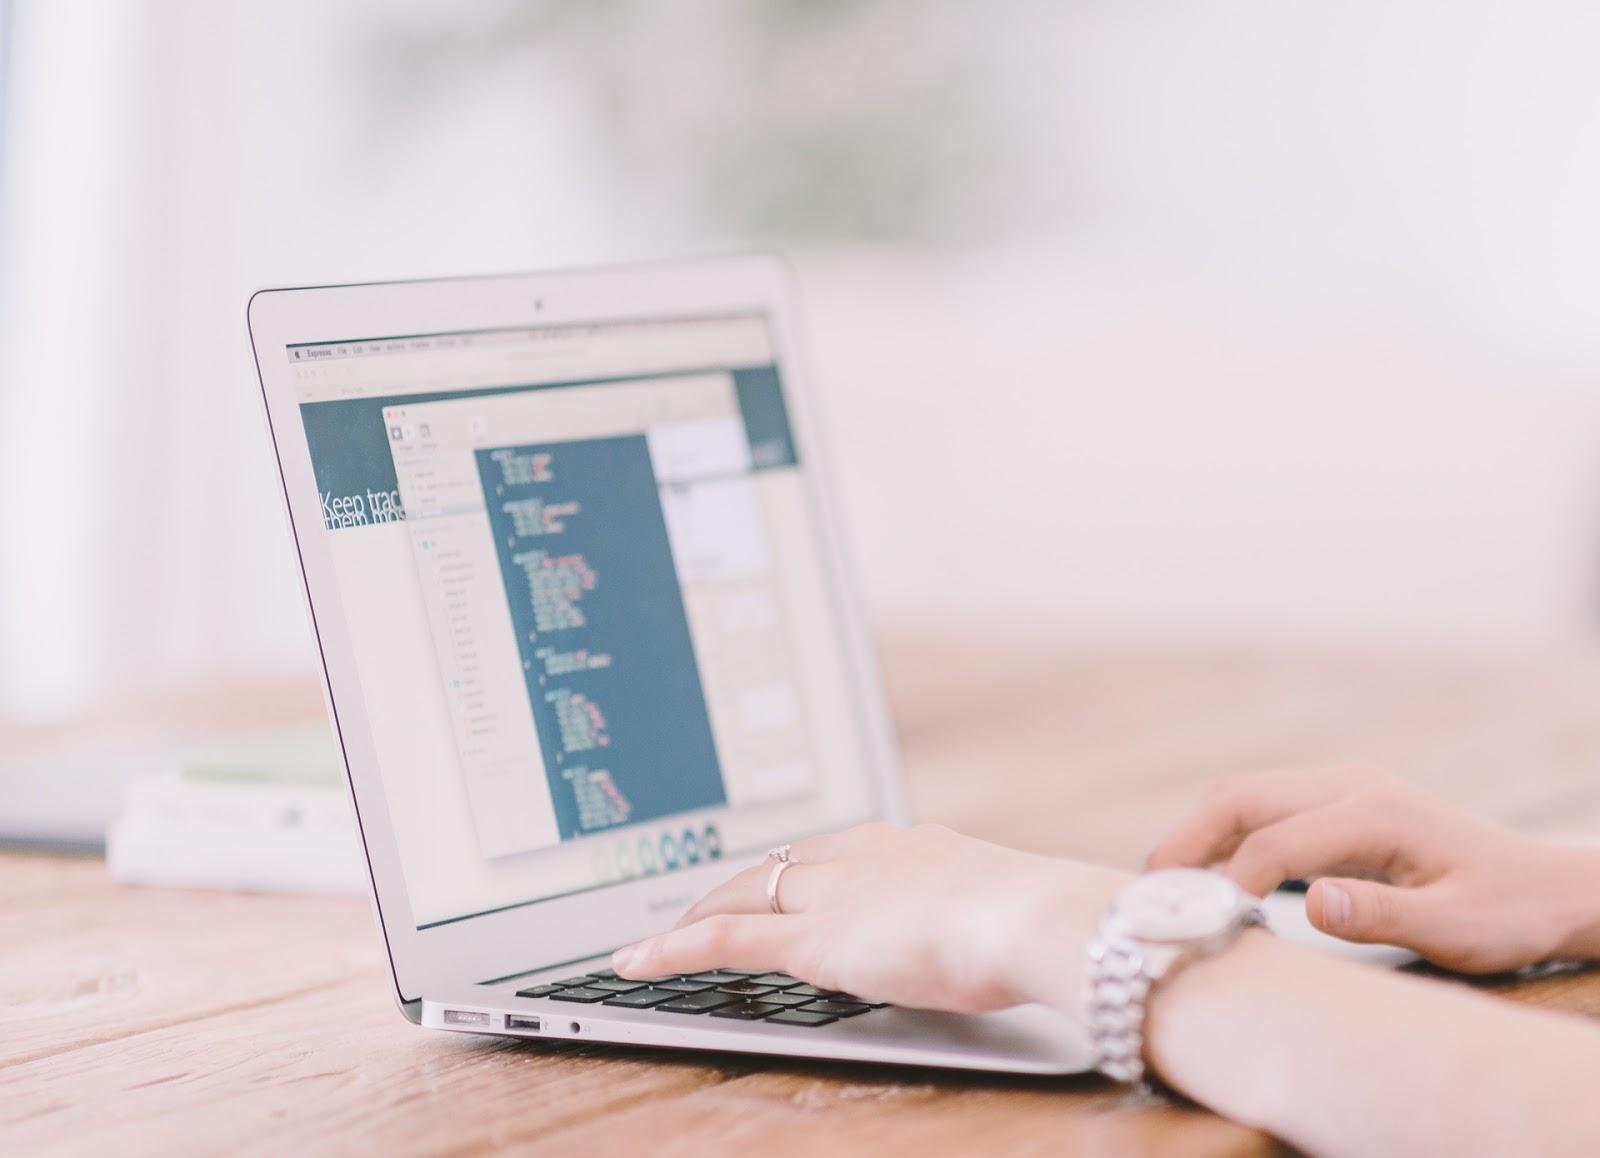 jak zmienić nazwę bloga